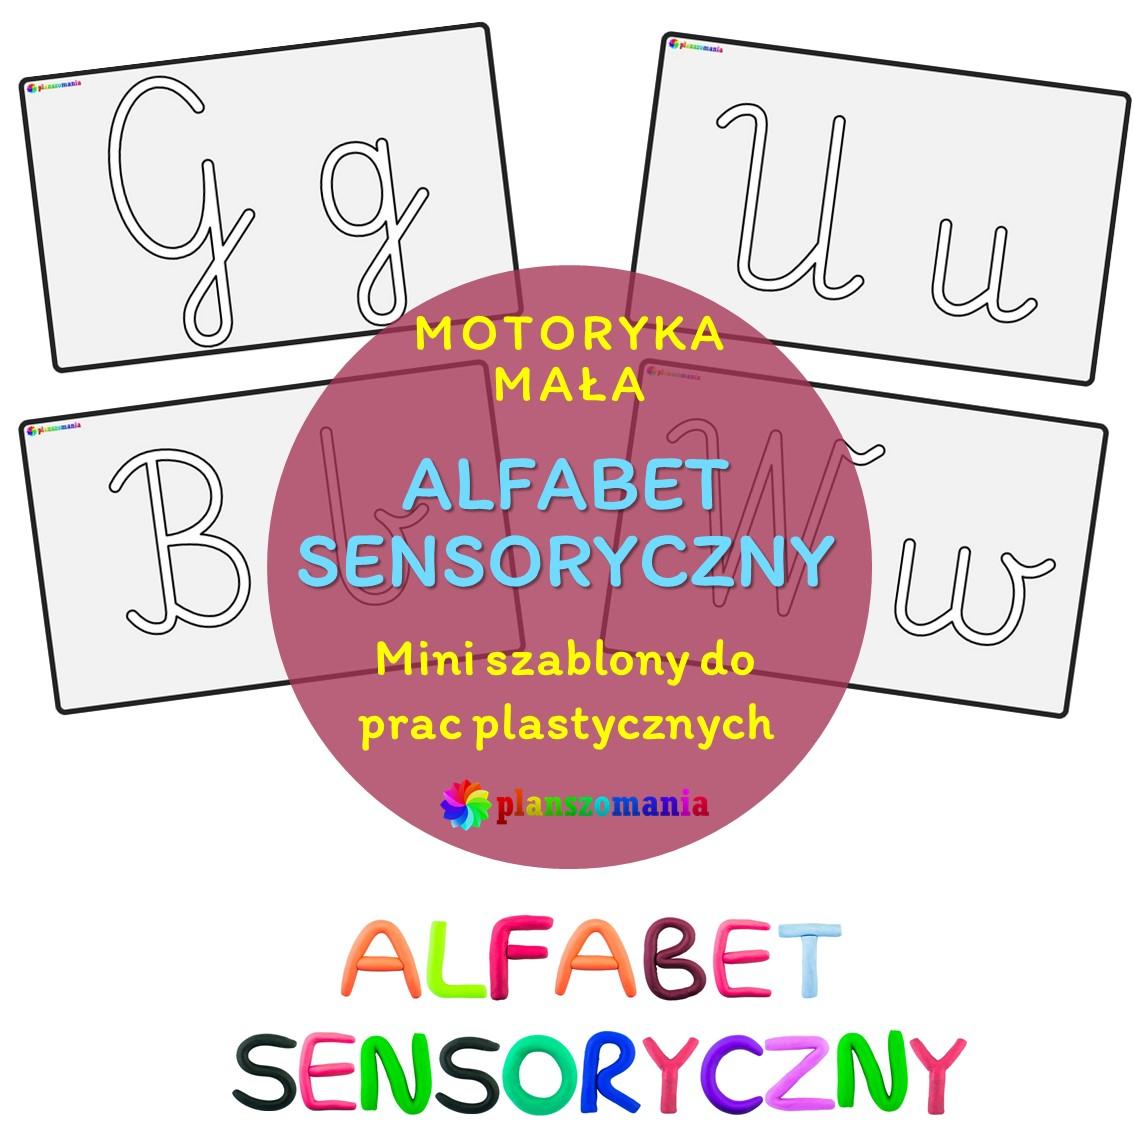 abecadło sensoryczne wersja mini pdf alfabet pobierz dla dzieci planszomania